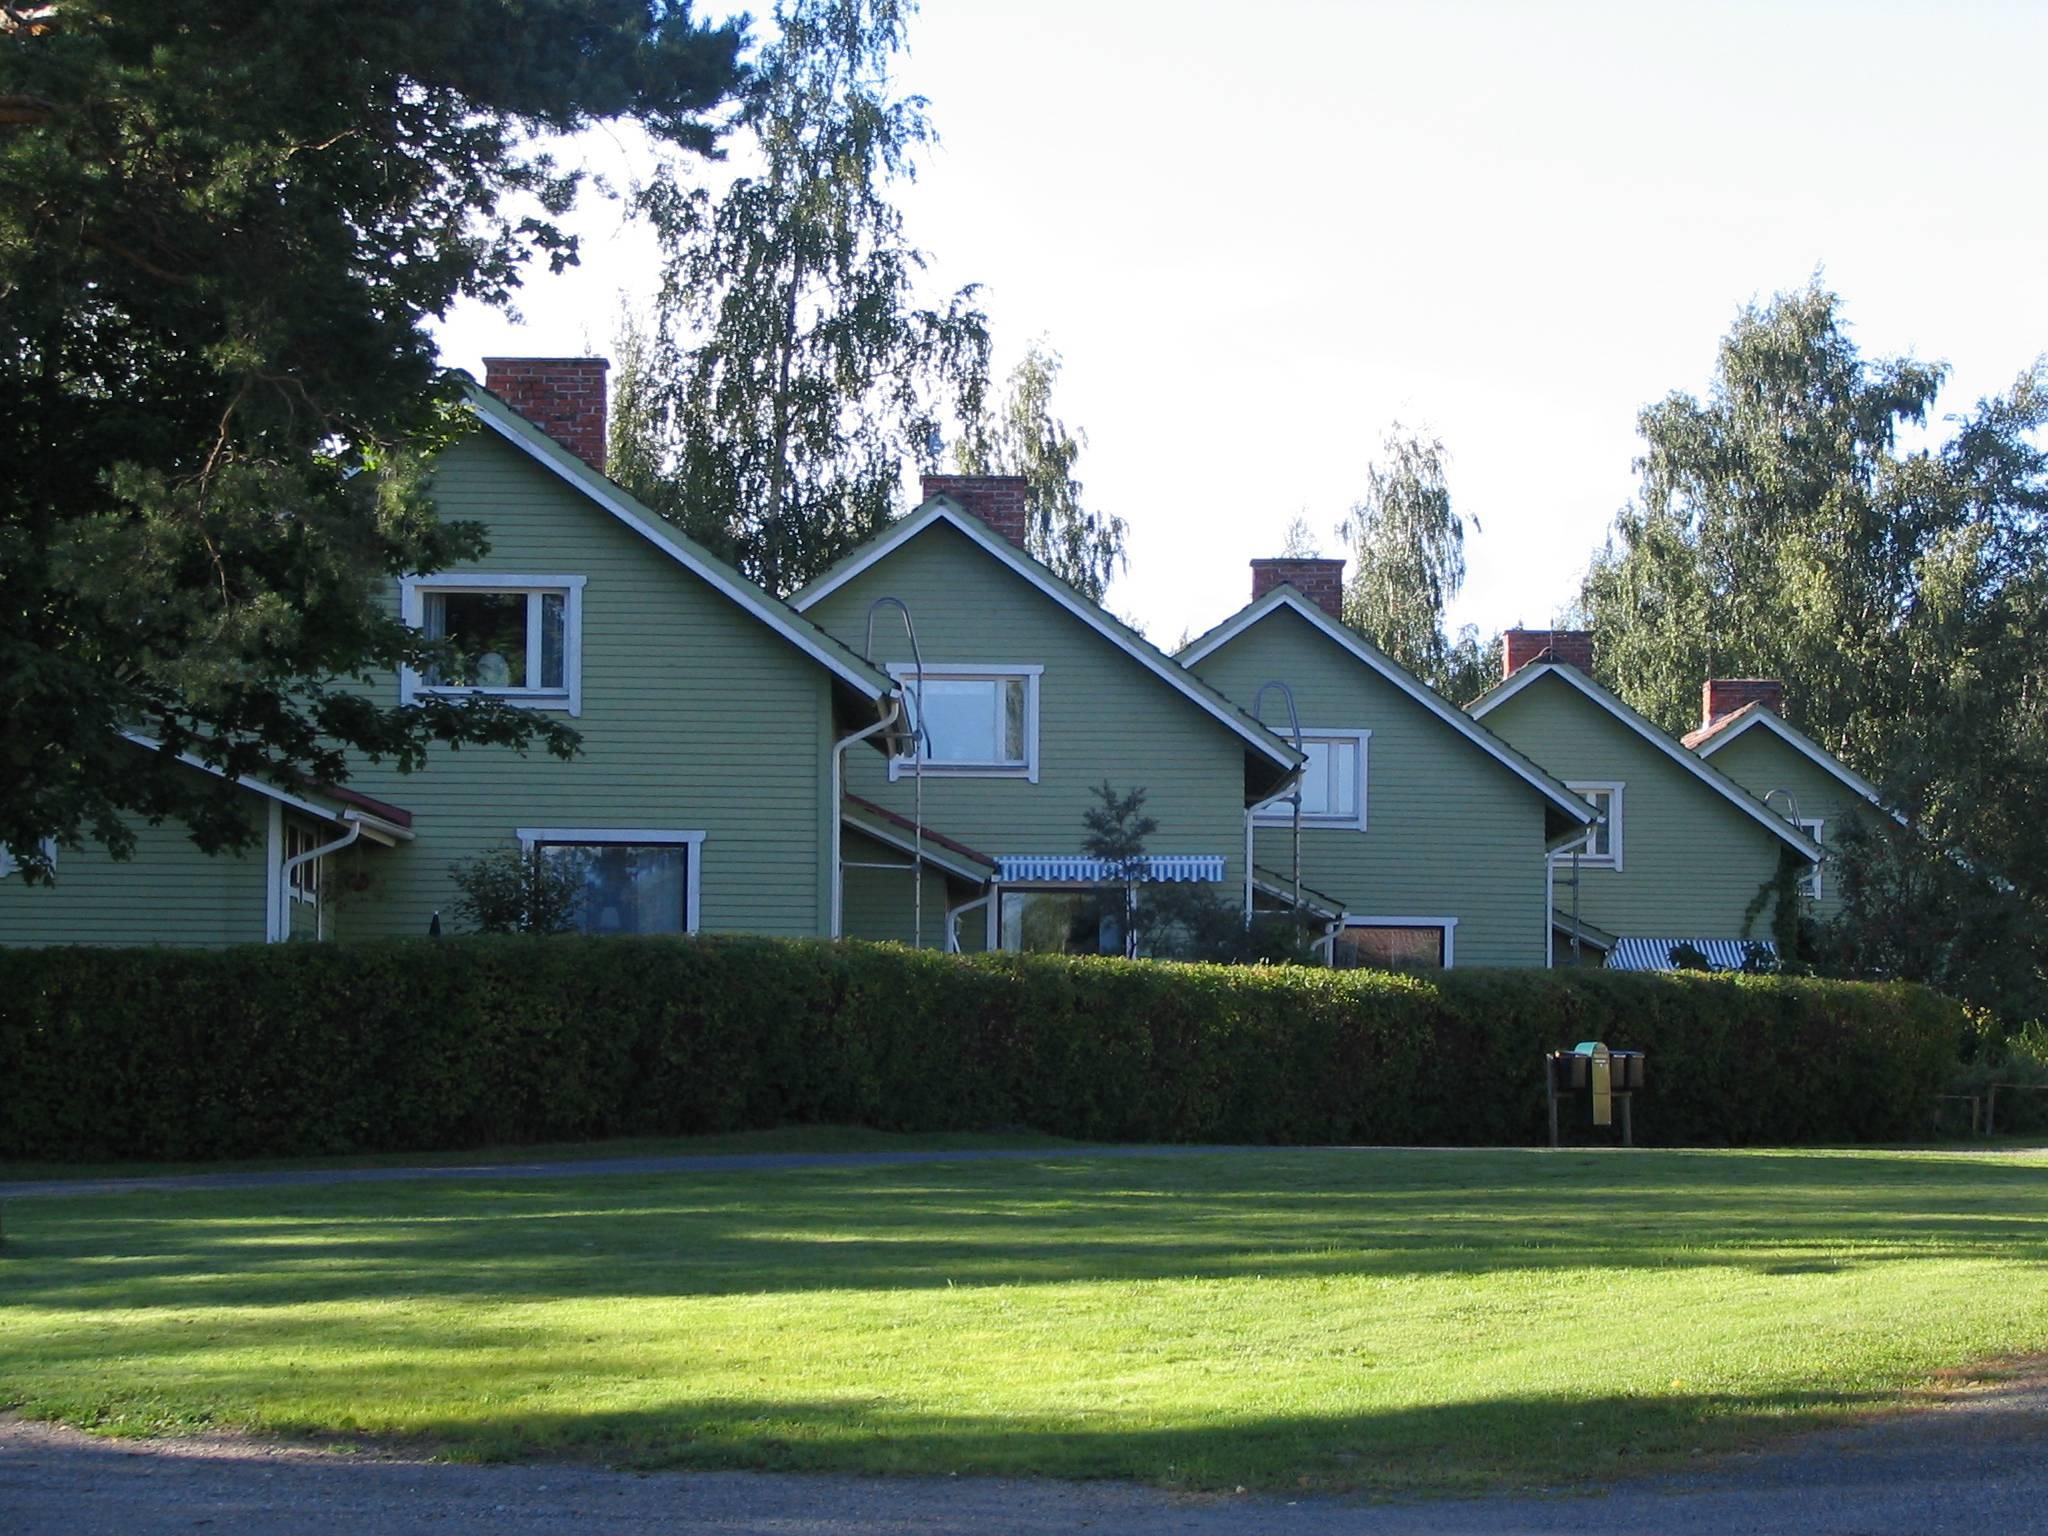 Квартира как движимое имущество: как устроен рынок жилья финляндии